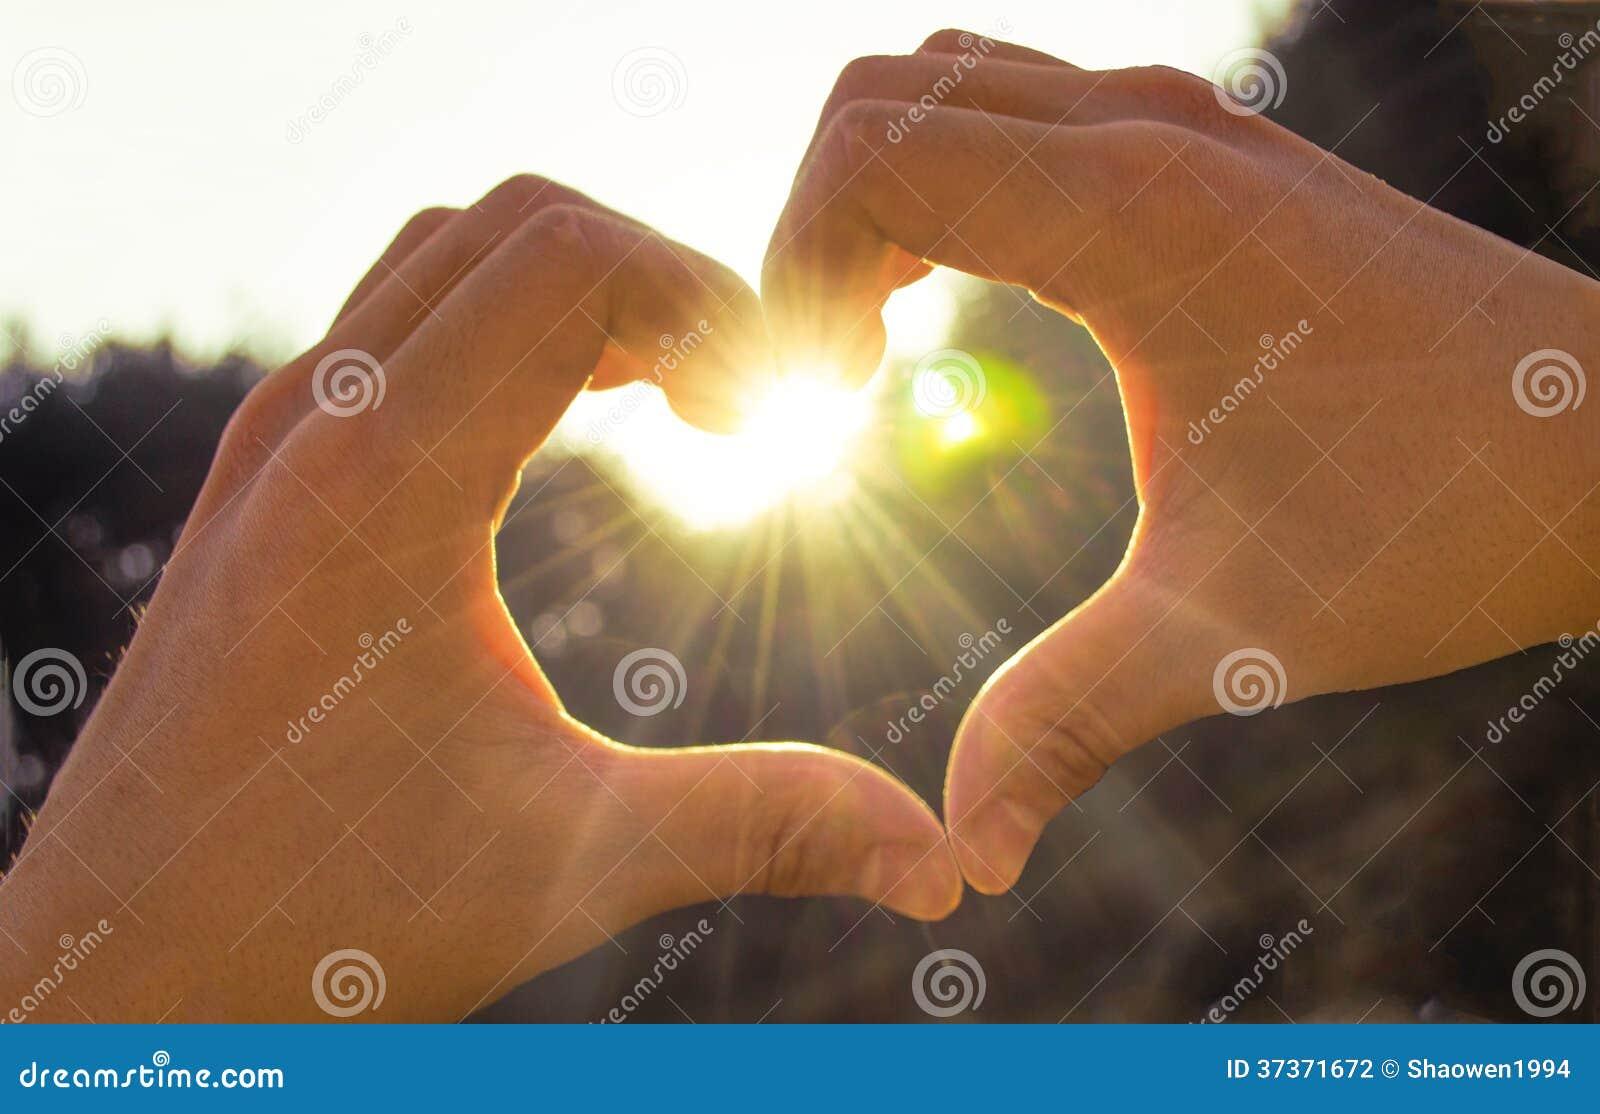 Ręka w sercu od miłości światła słonecznego